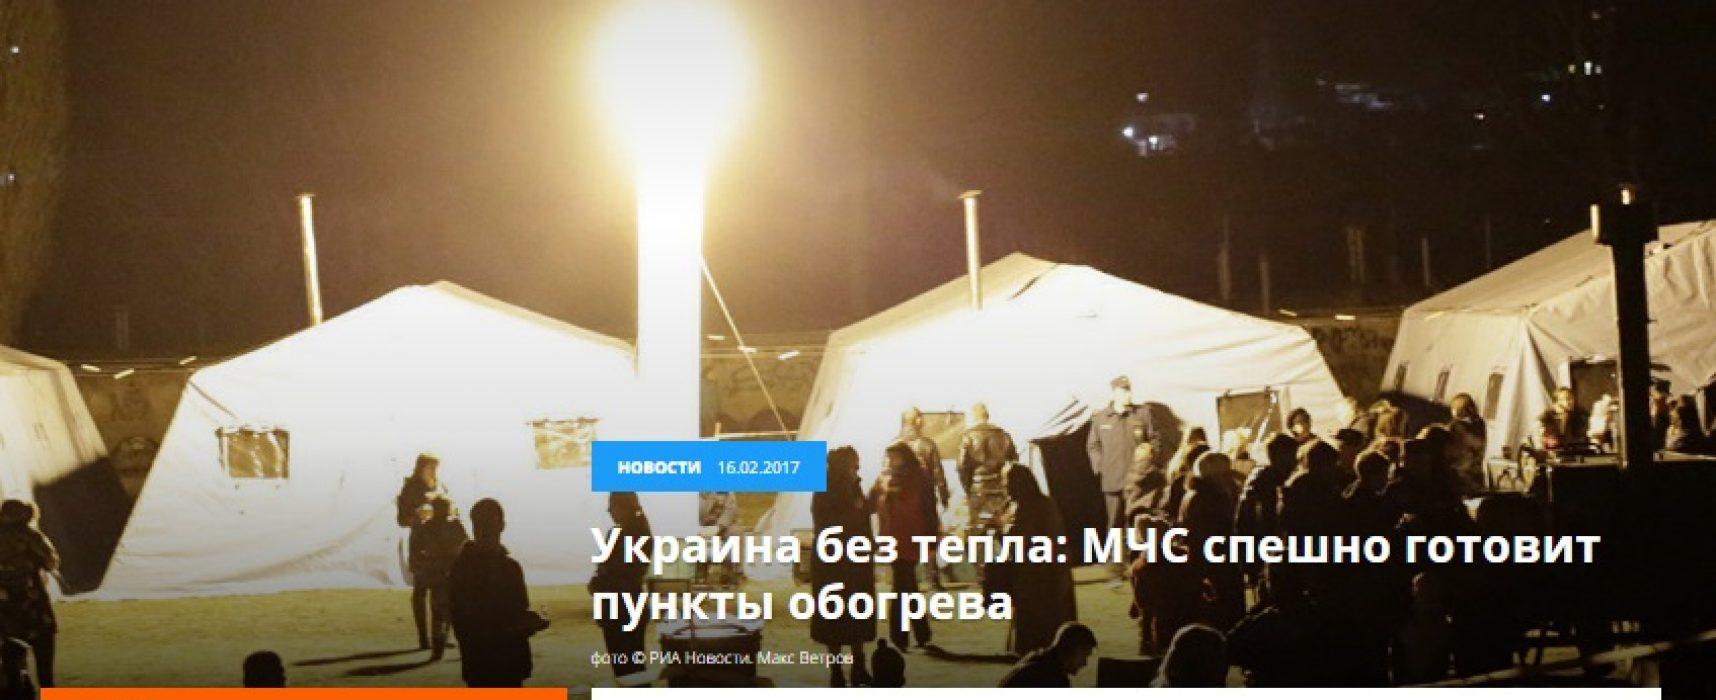 Фейк: Украина осталась без тепла, спешно готовятся пункты обогрева